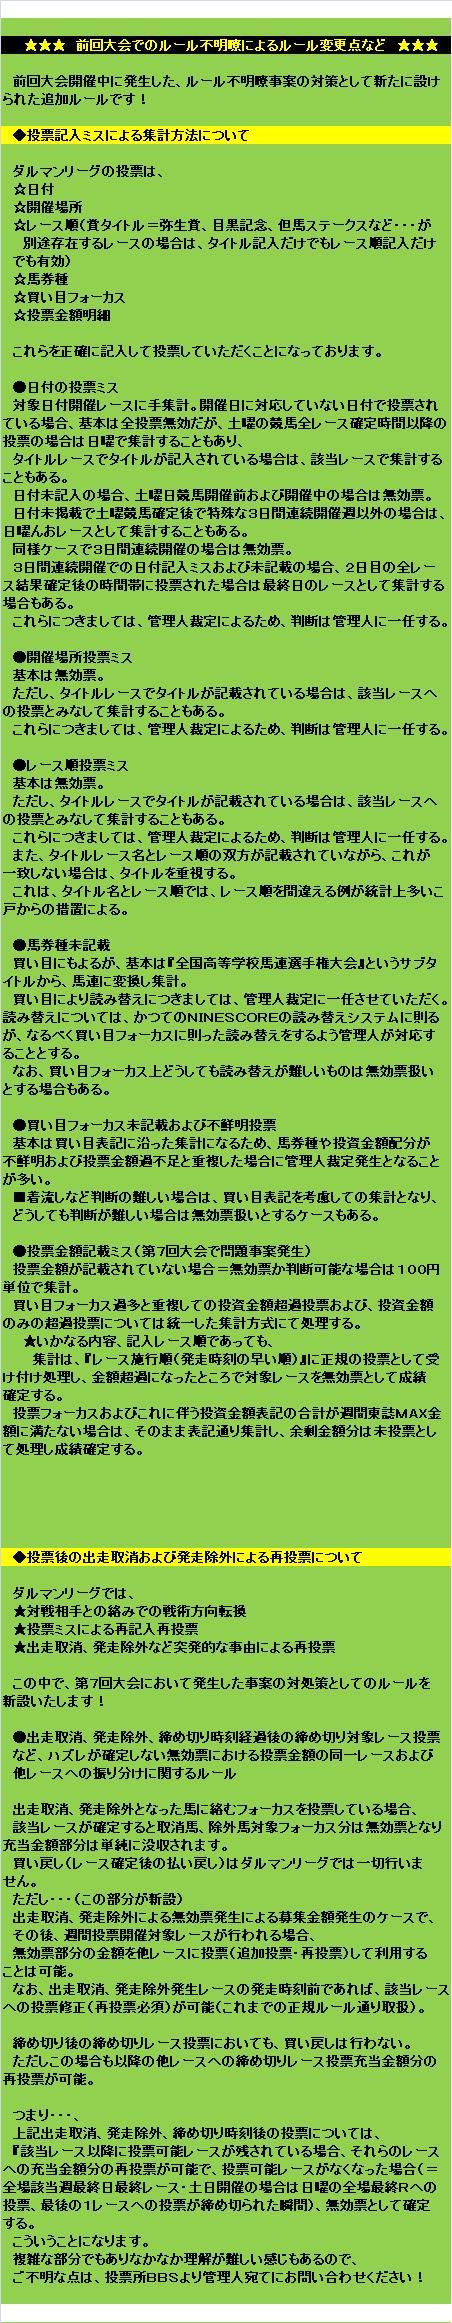 20160719・第8回ダルマンリーグ参加者募集告知③.jpg